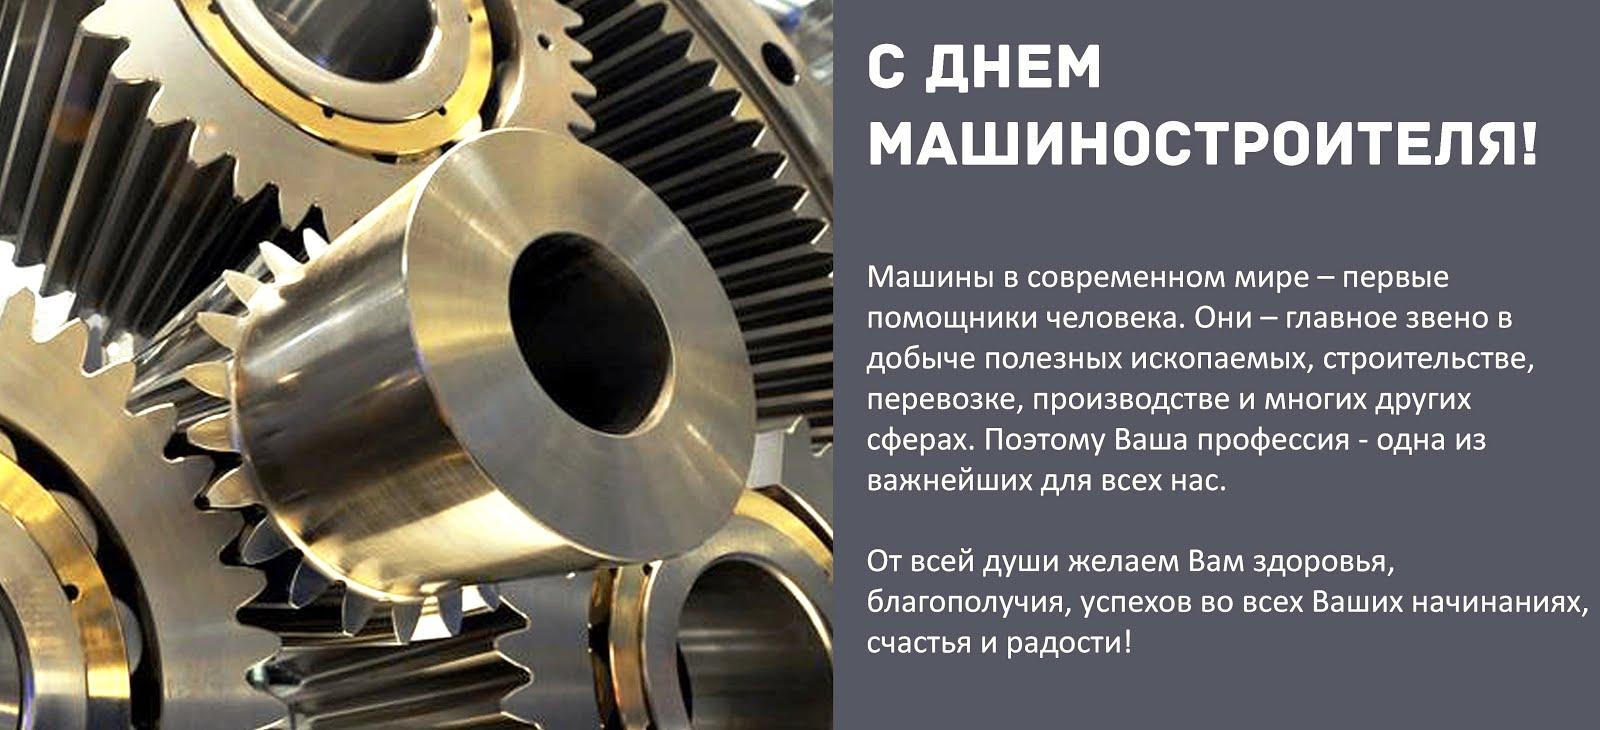 Открытки поздравления на День машиностроителя (17)